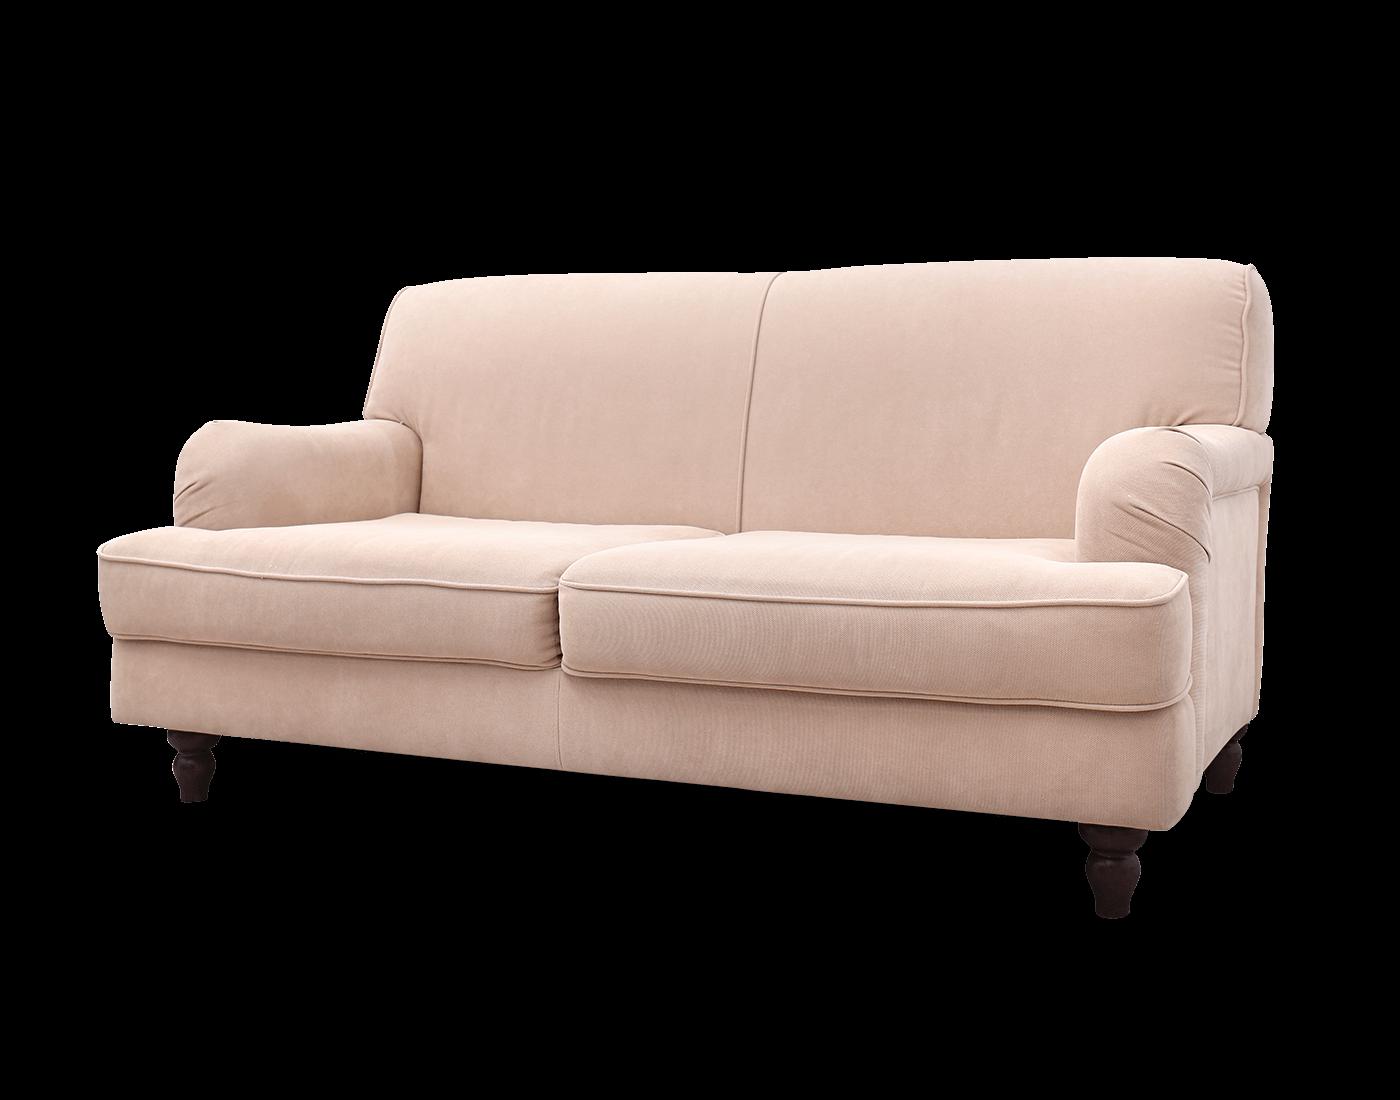 Trasporto divano · Spedizione divano a basso costo · Macingo